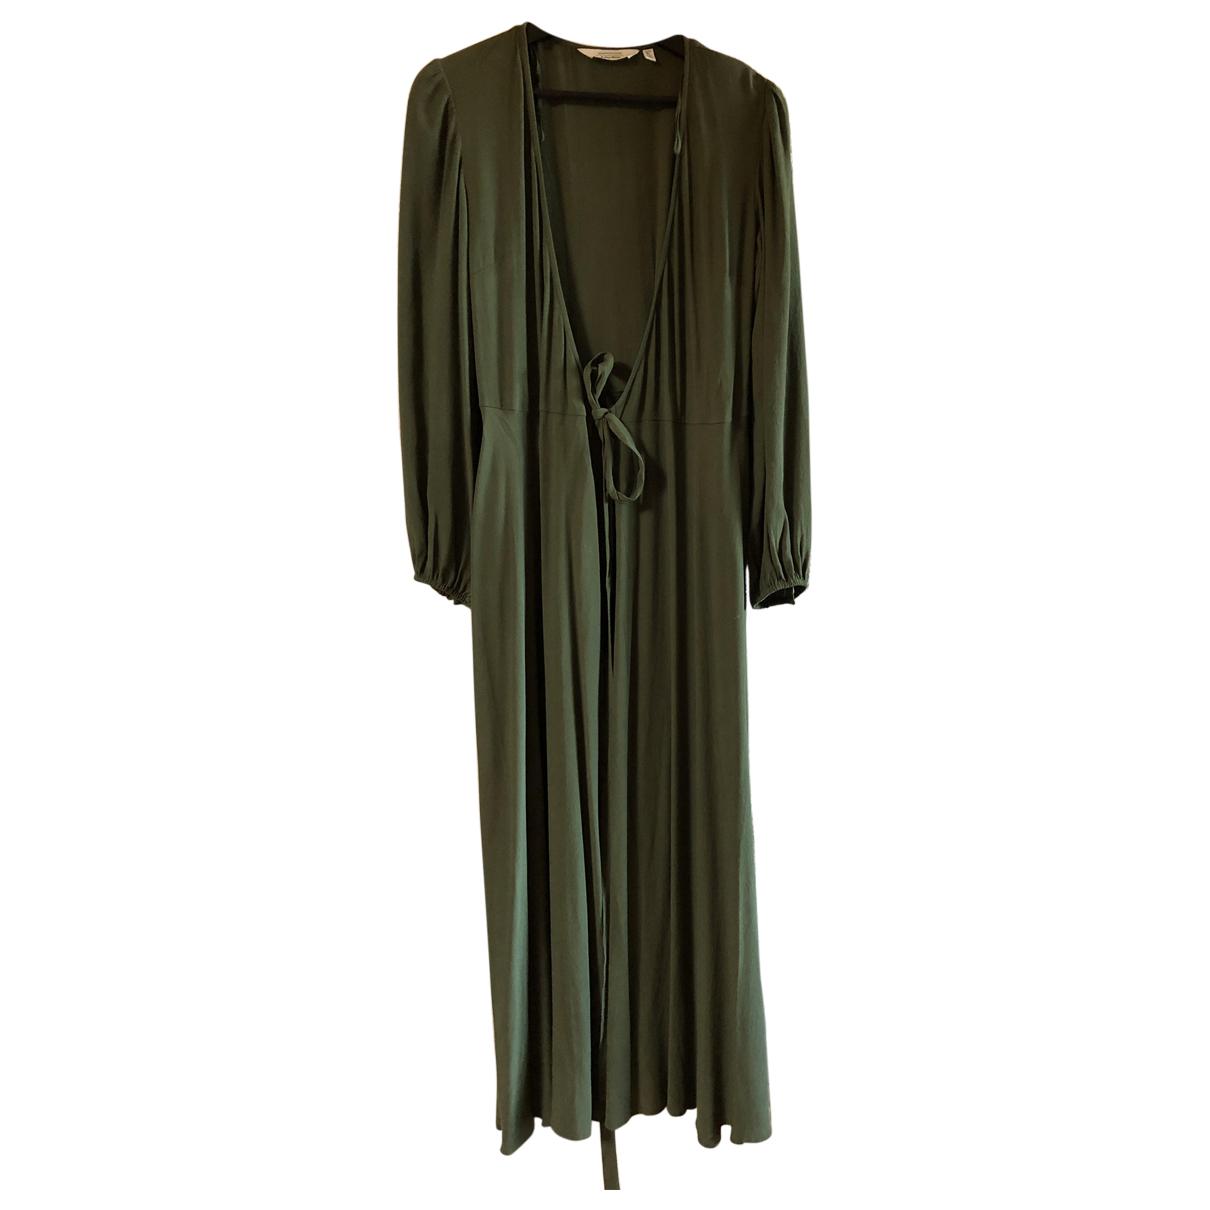 & Stories \N Green dress for Women 8 UK